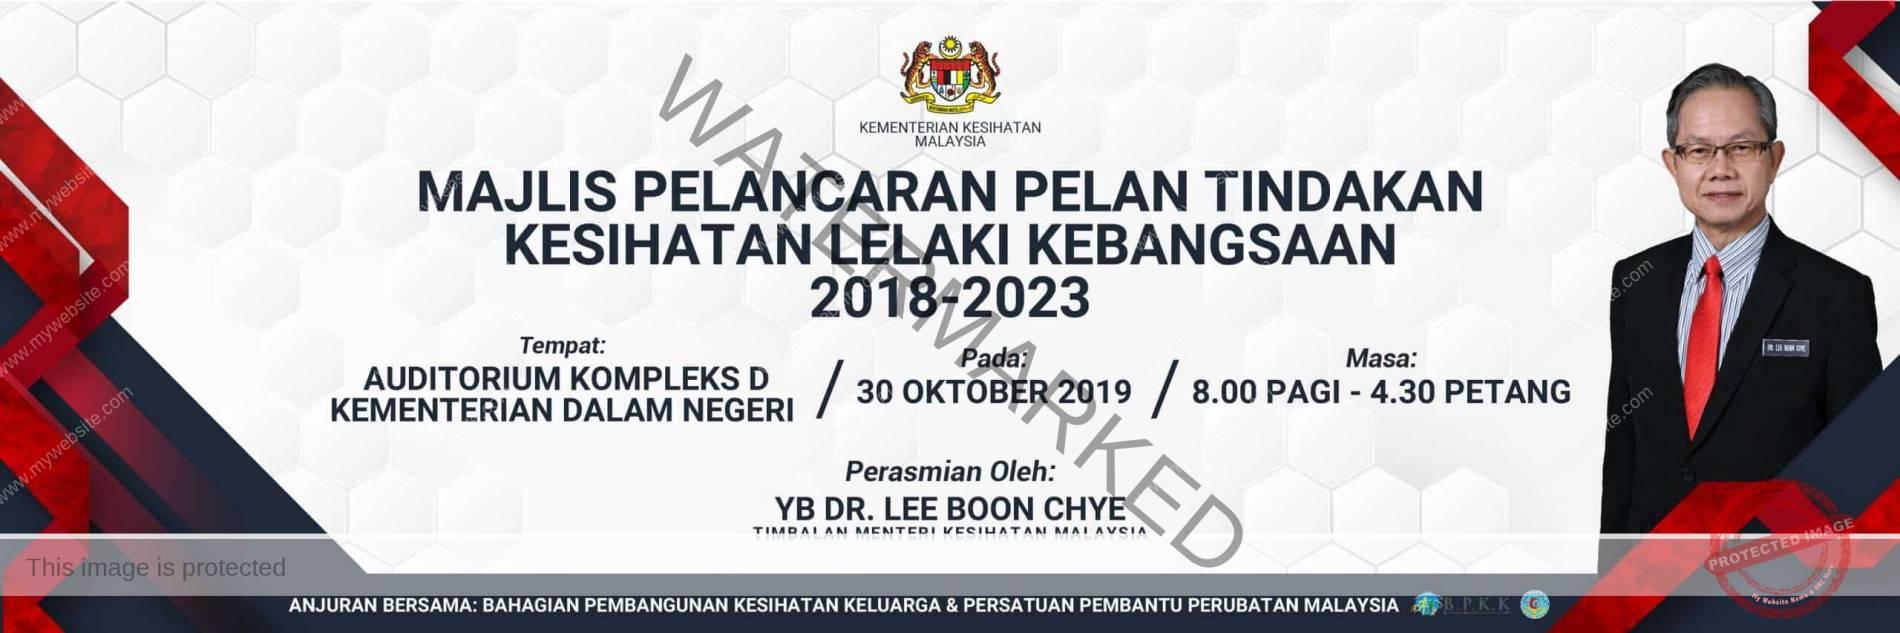 Pelan_Tindakan_Kesihatan_Lelaki_Kebangsaan_2018-2023 dr ismail tambi biodata